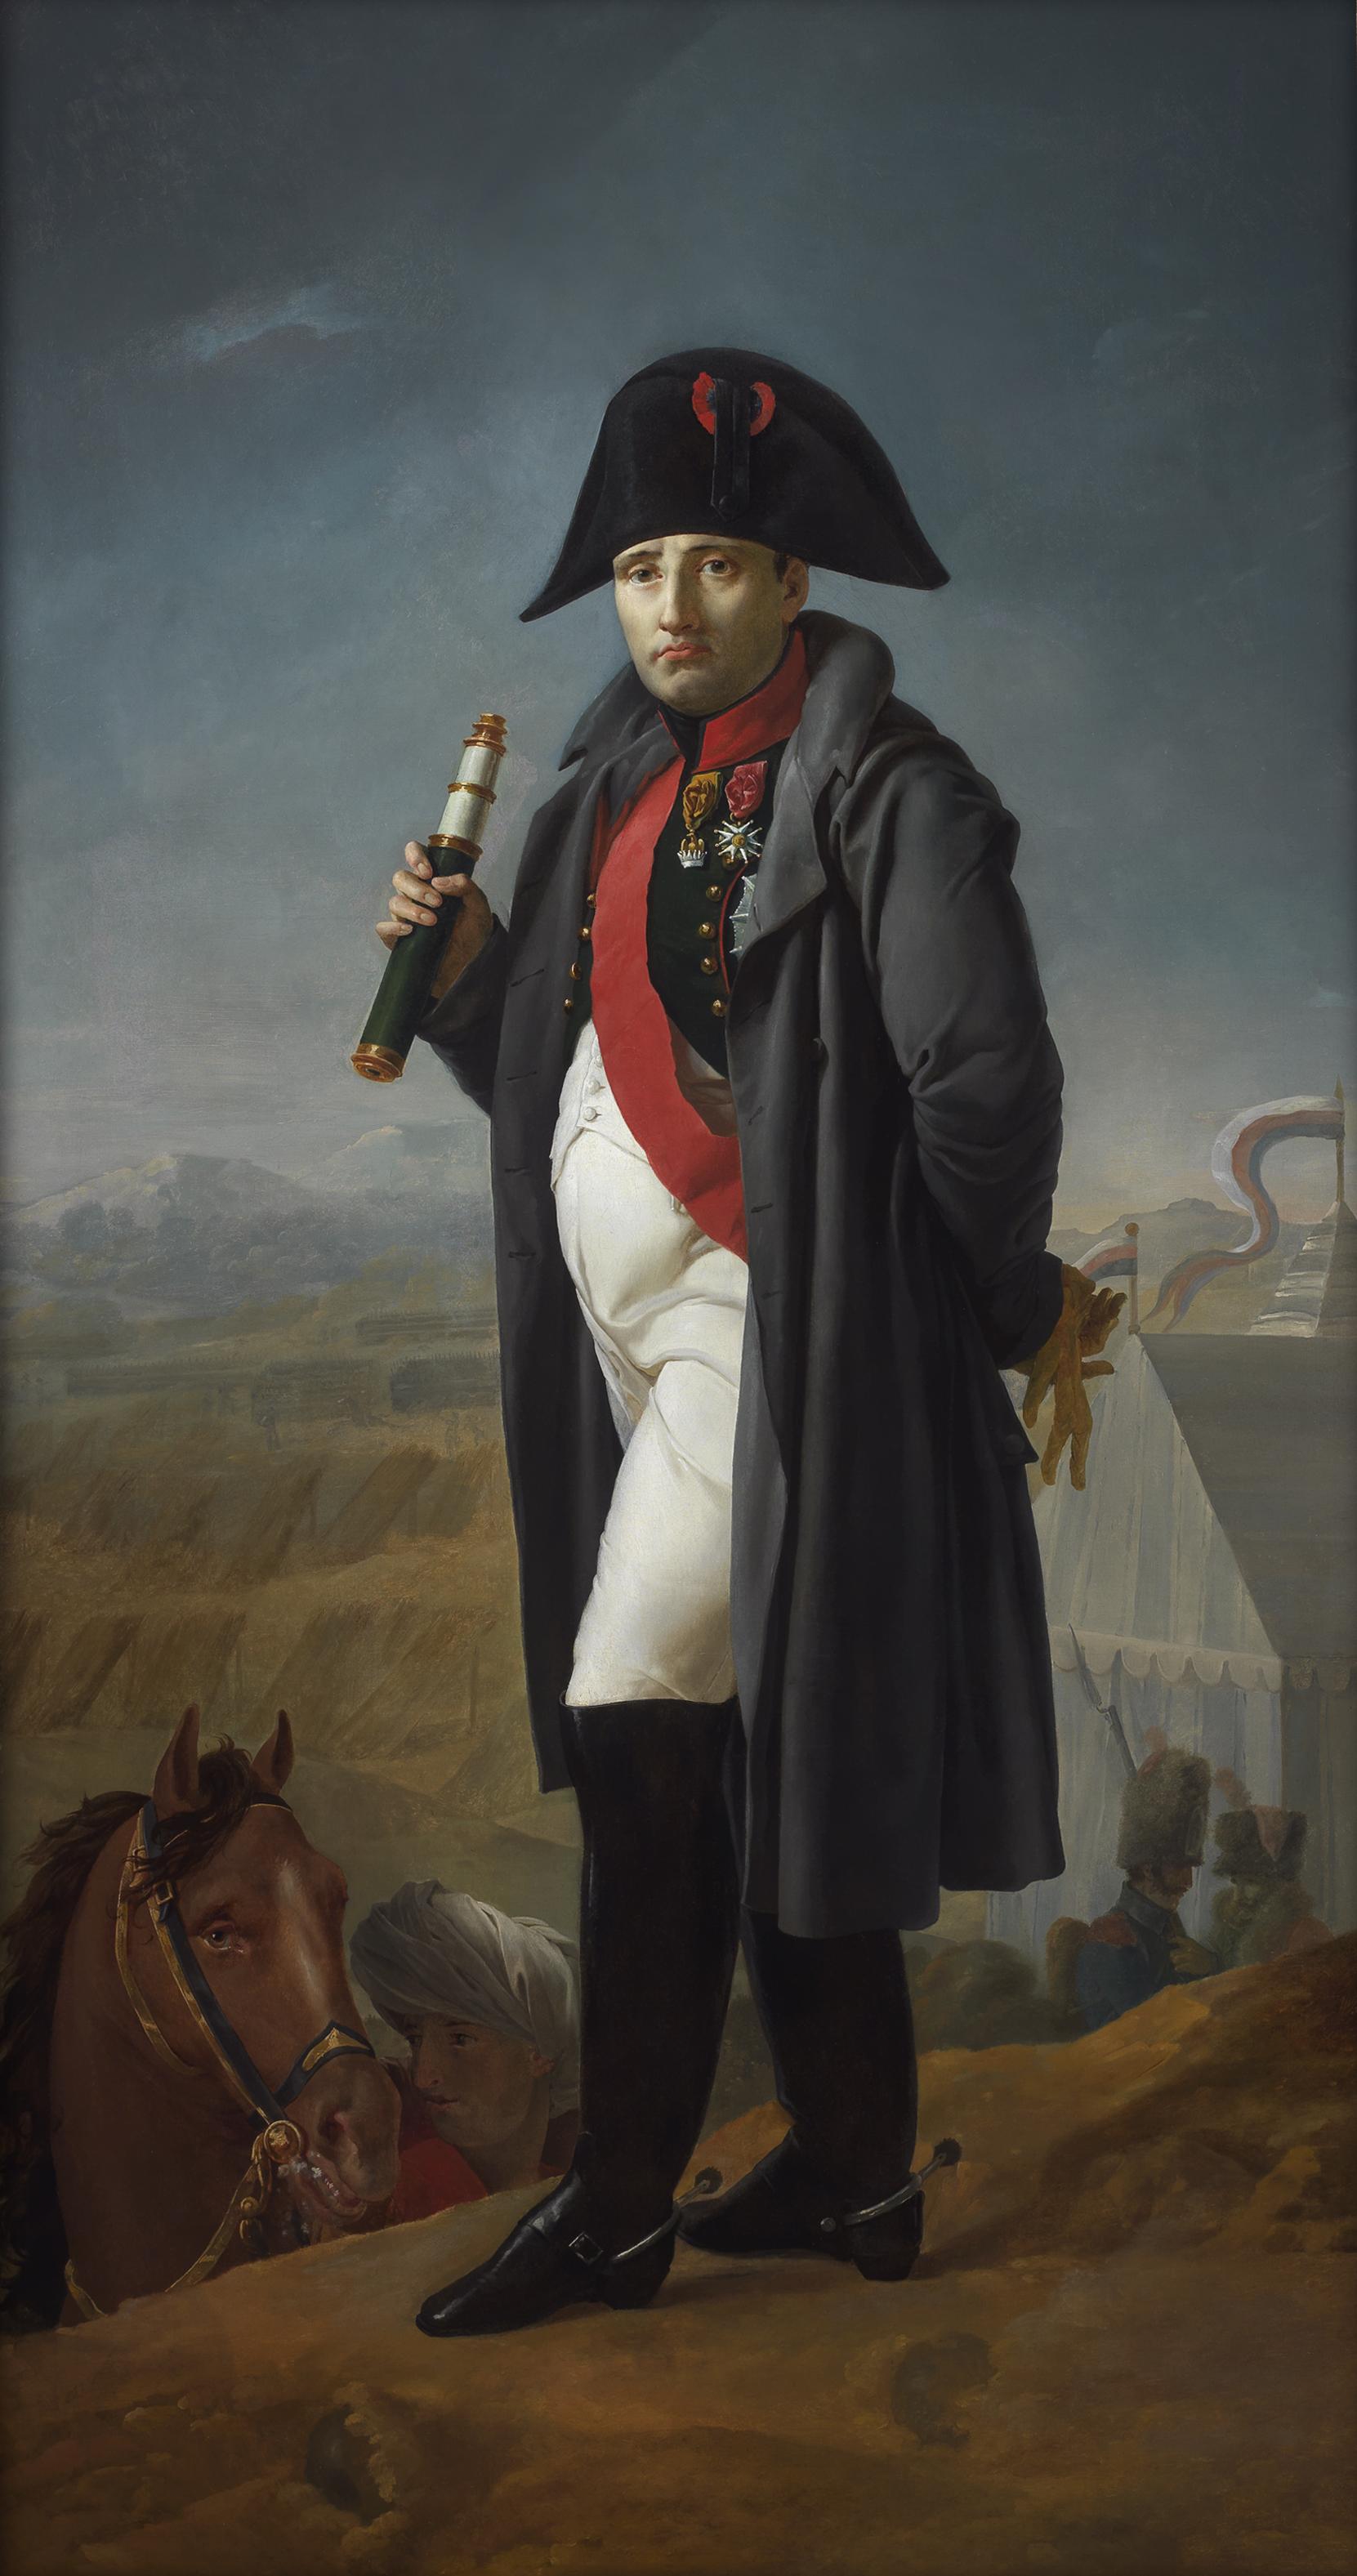 Joseph Franque Sa Majesté l'Empereur: Le matin de la bataille de la Moskowa, c. 1812 Oil on canvas : 225.5 x 118.5 cm